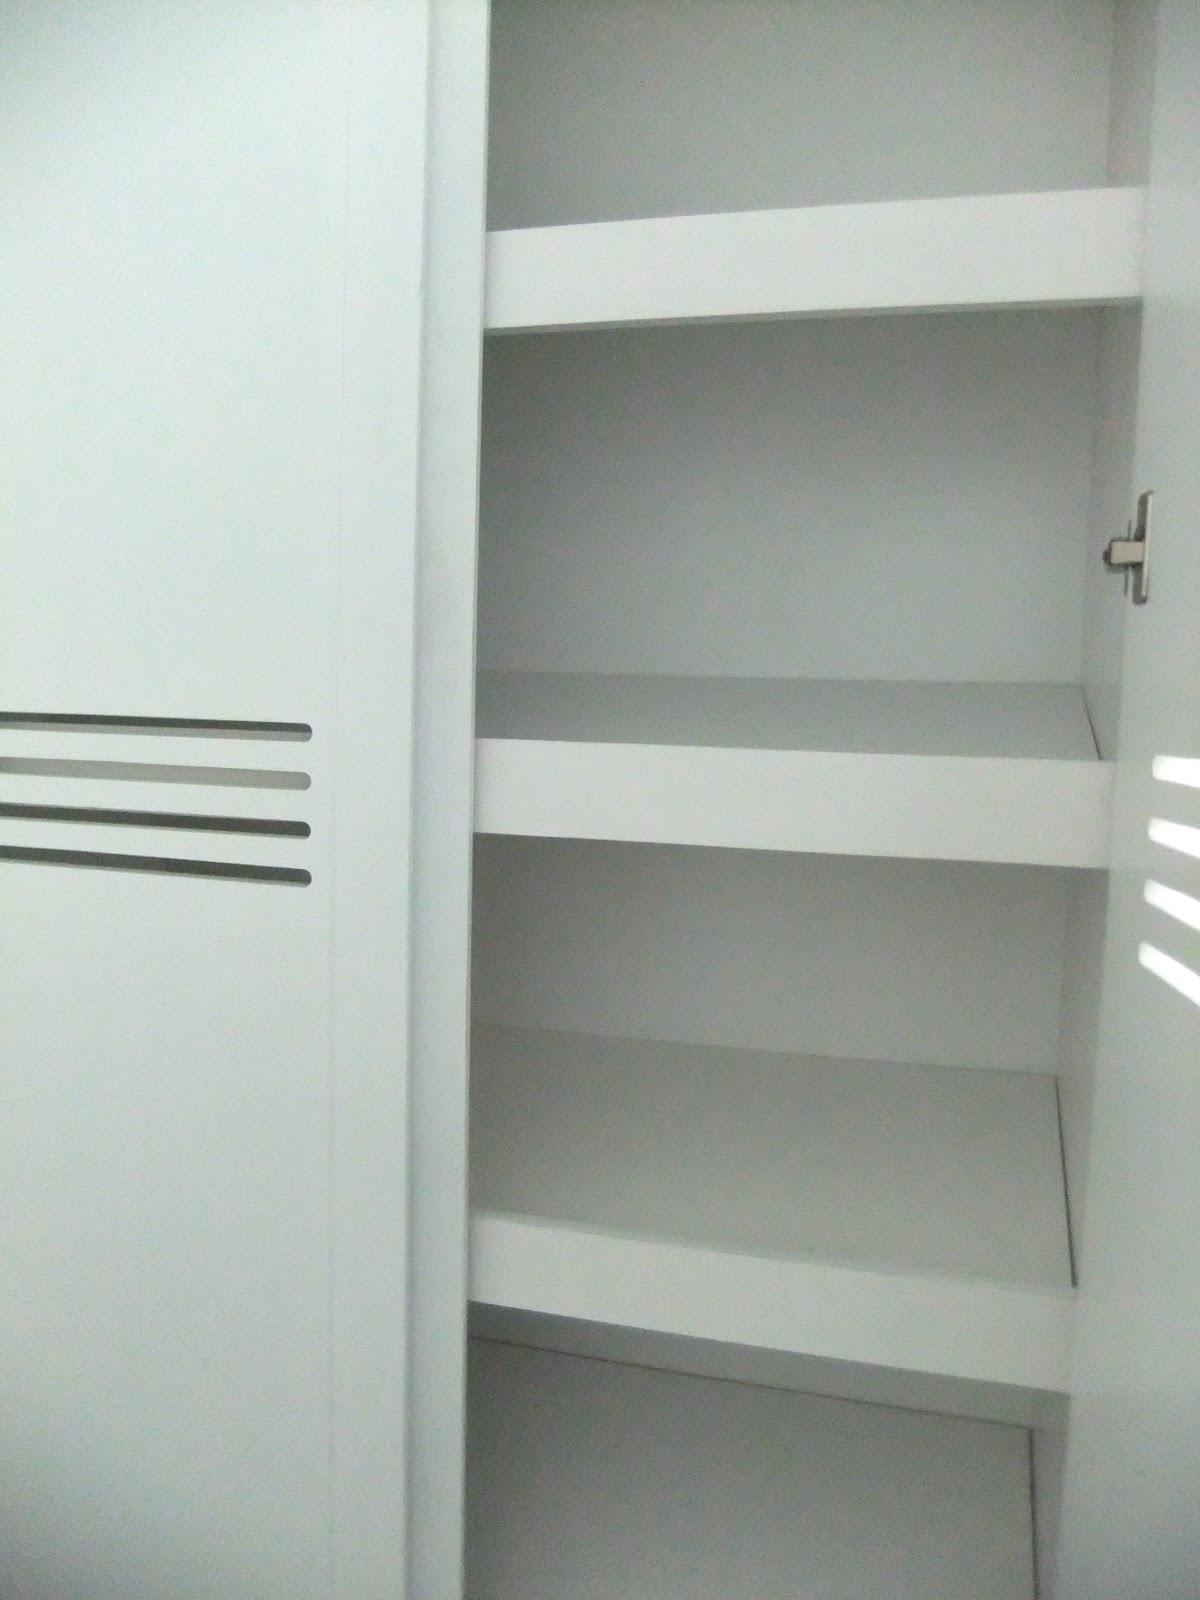 Shoe Cabiwith Doors